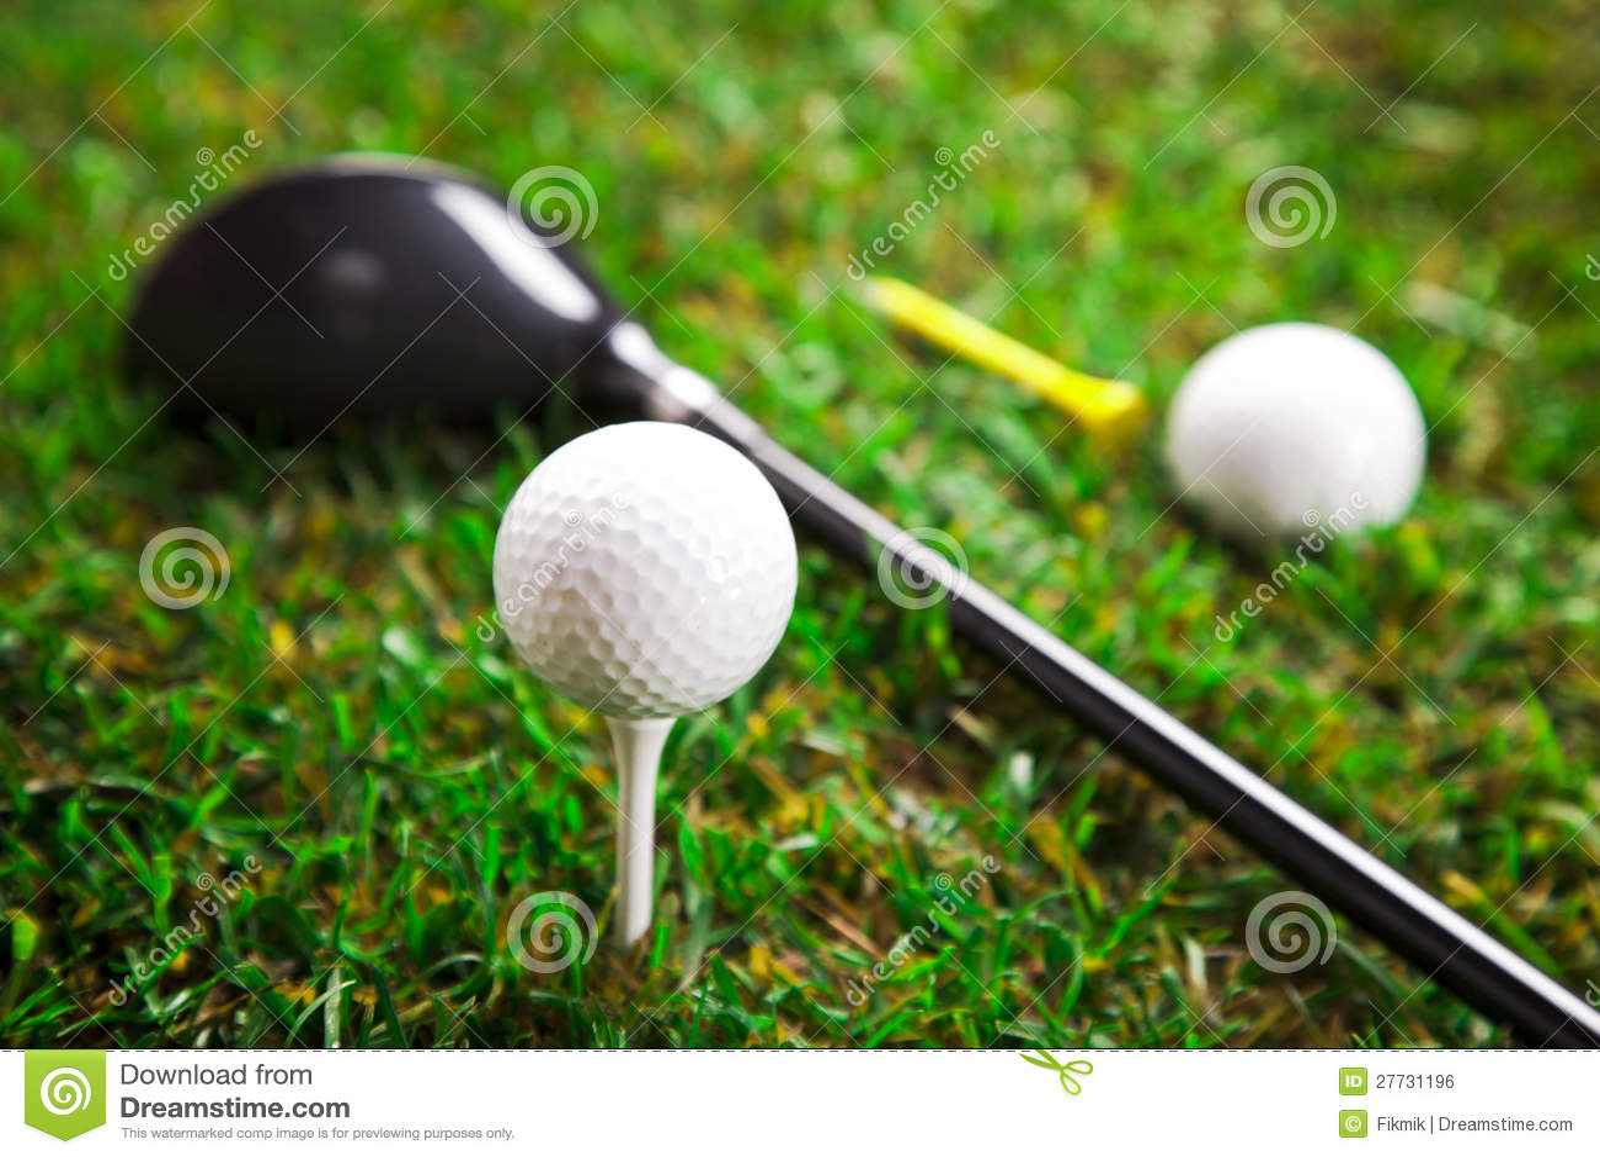 Lassen Sie uns einen Umlauf des Golfs spielen!!